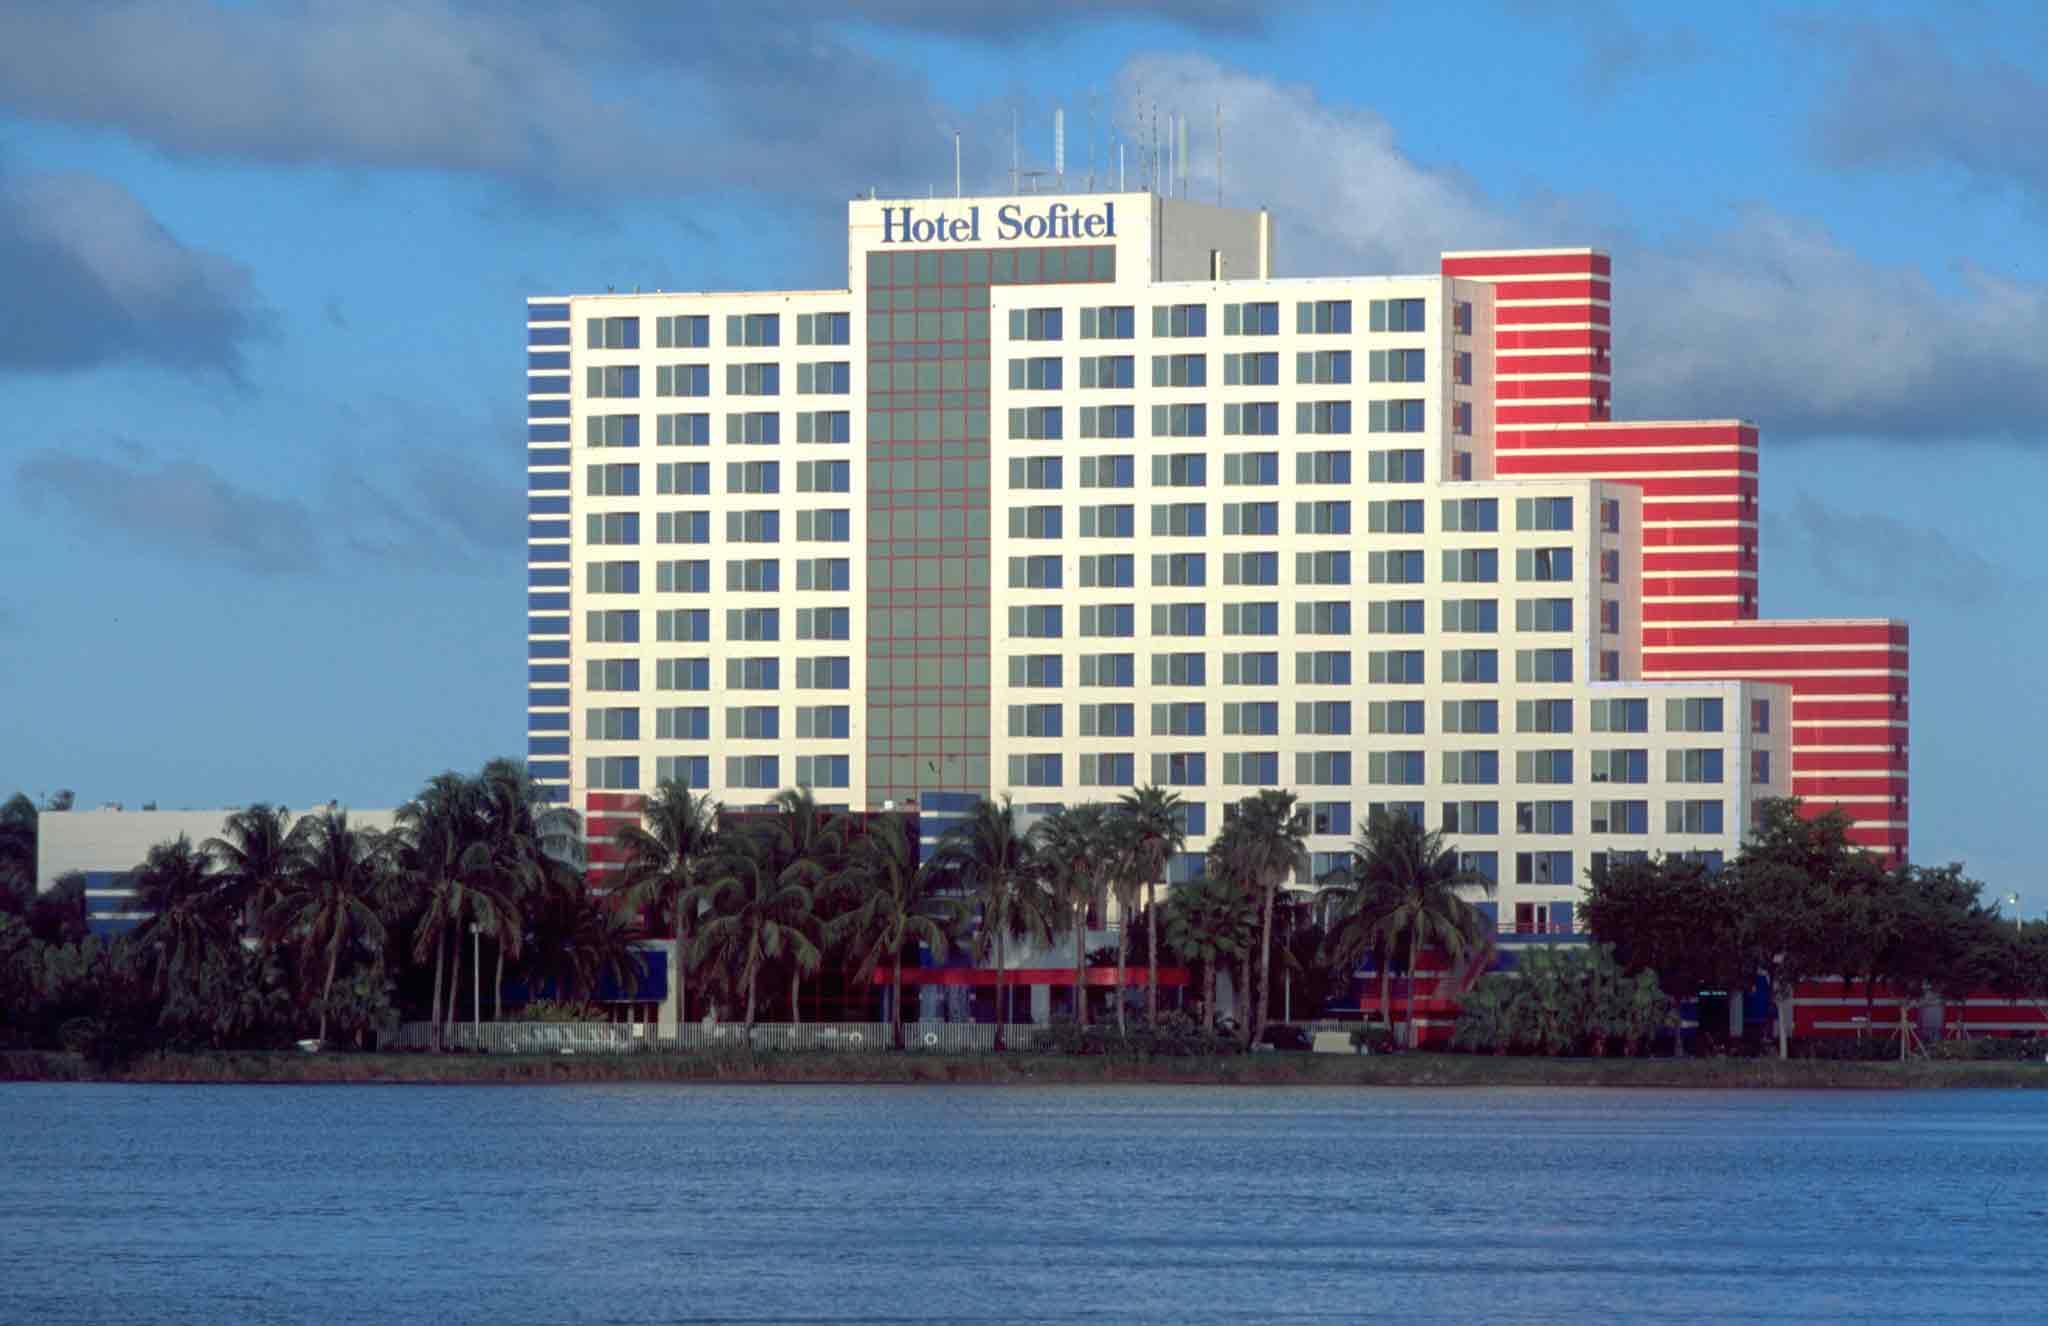 HotelSofitel Miami